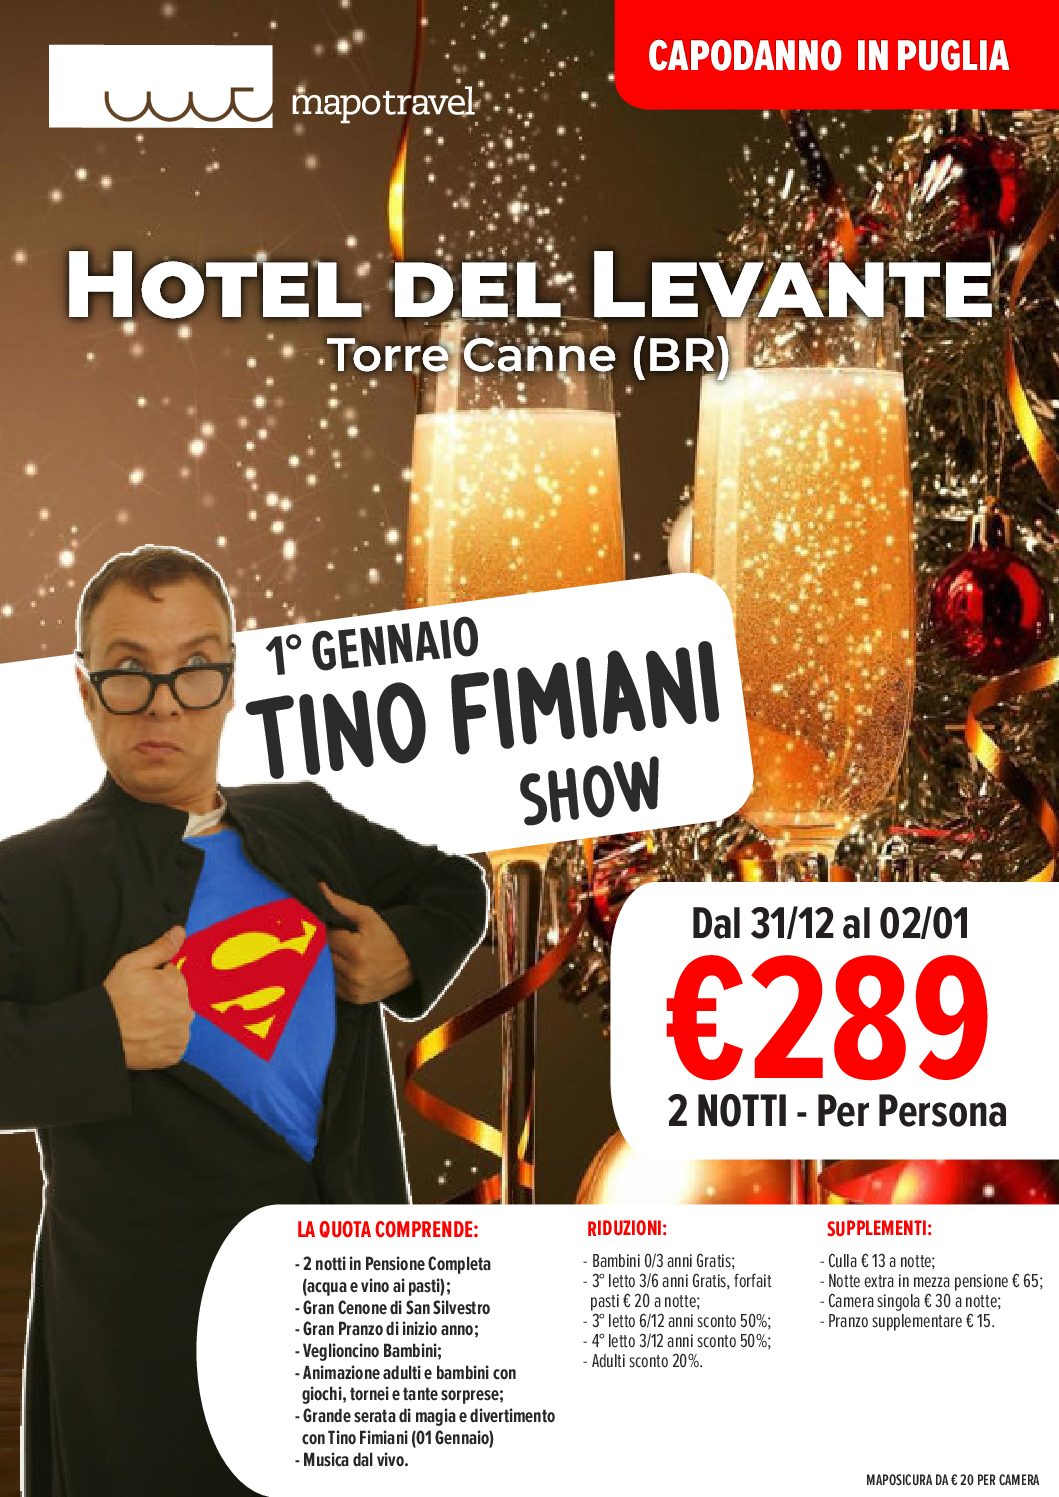 CAPODANNO IN PUGLIA – Hotel Del Levante ****